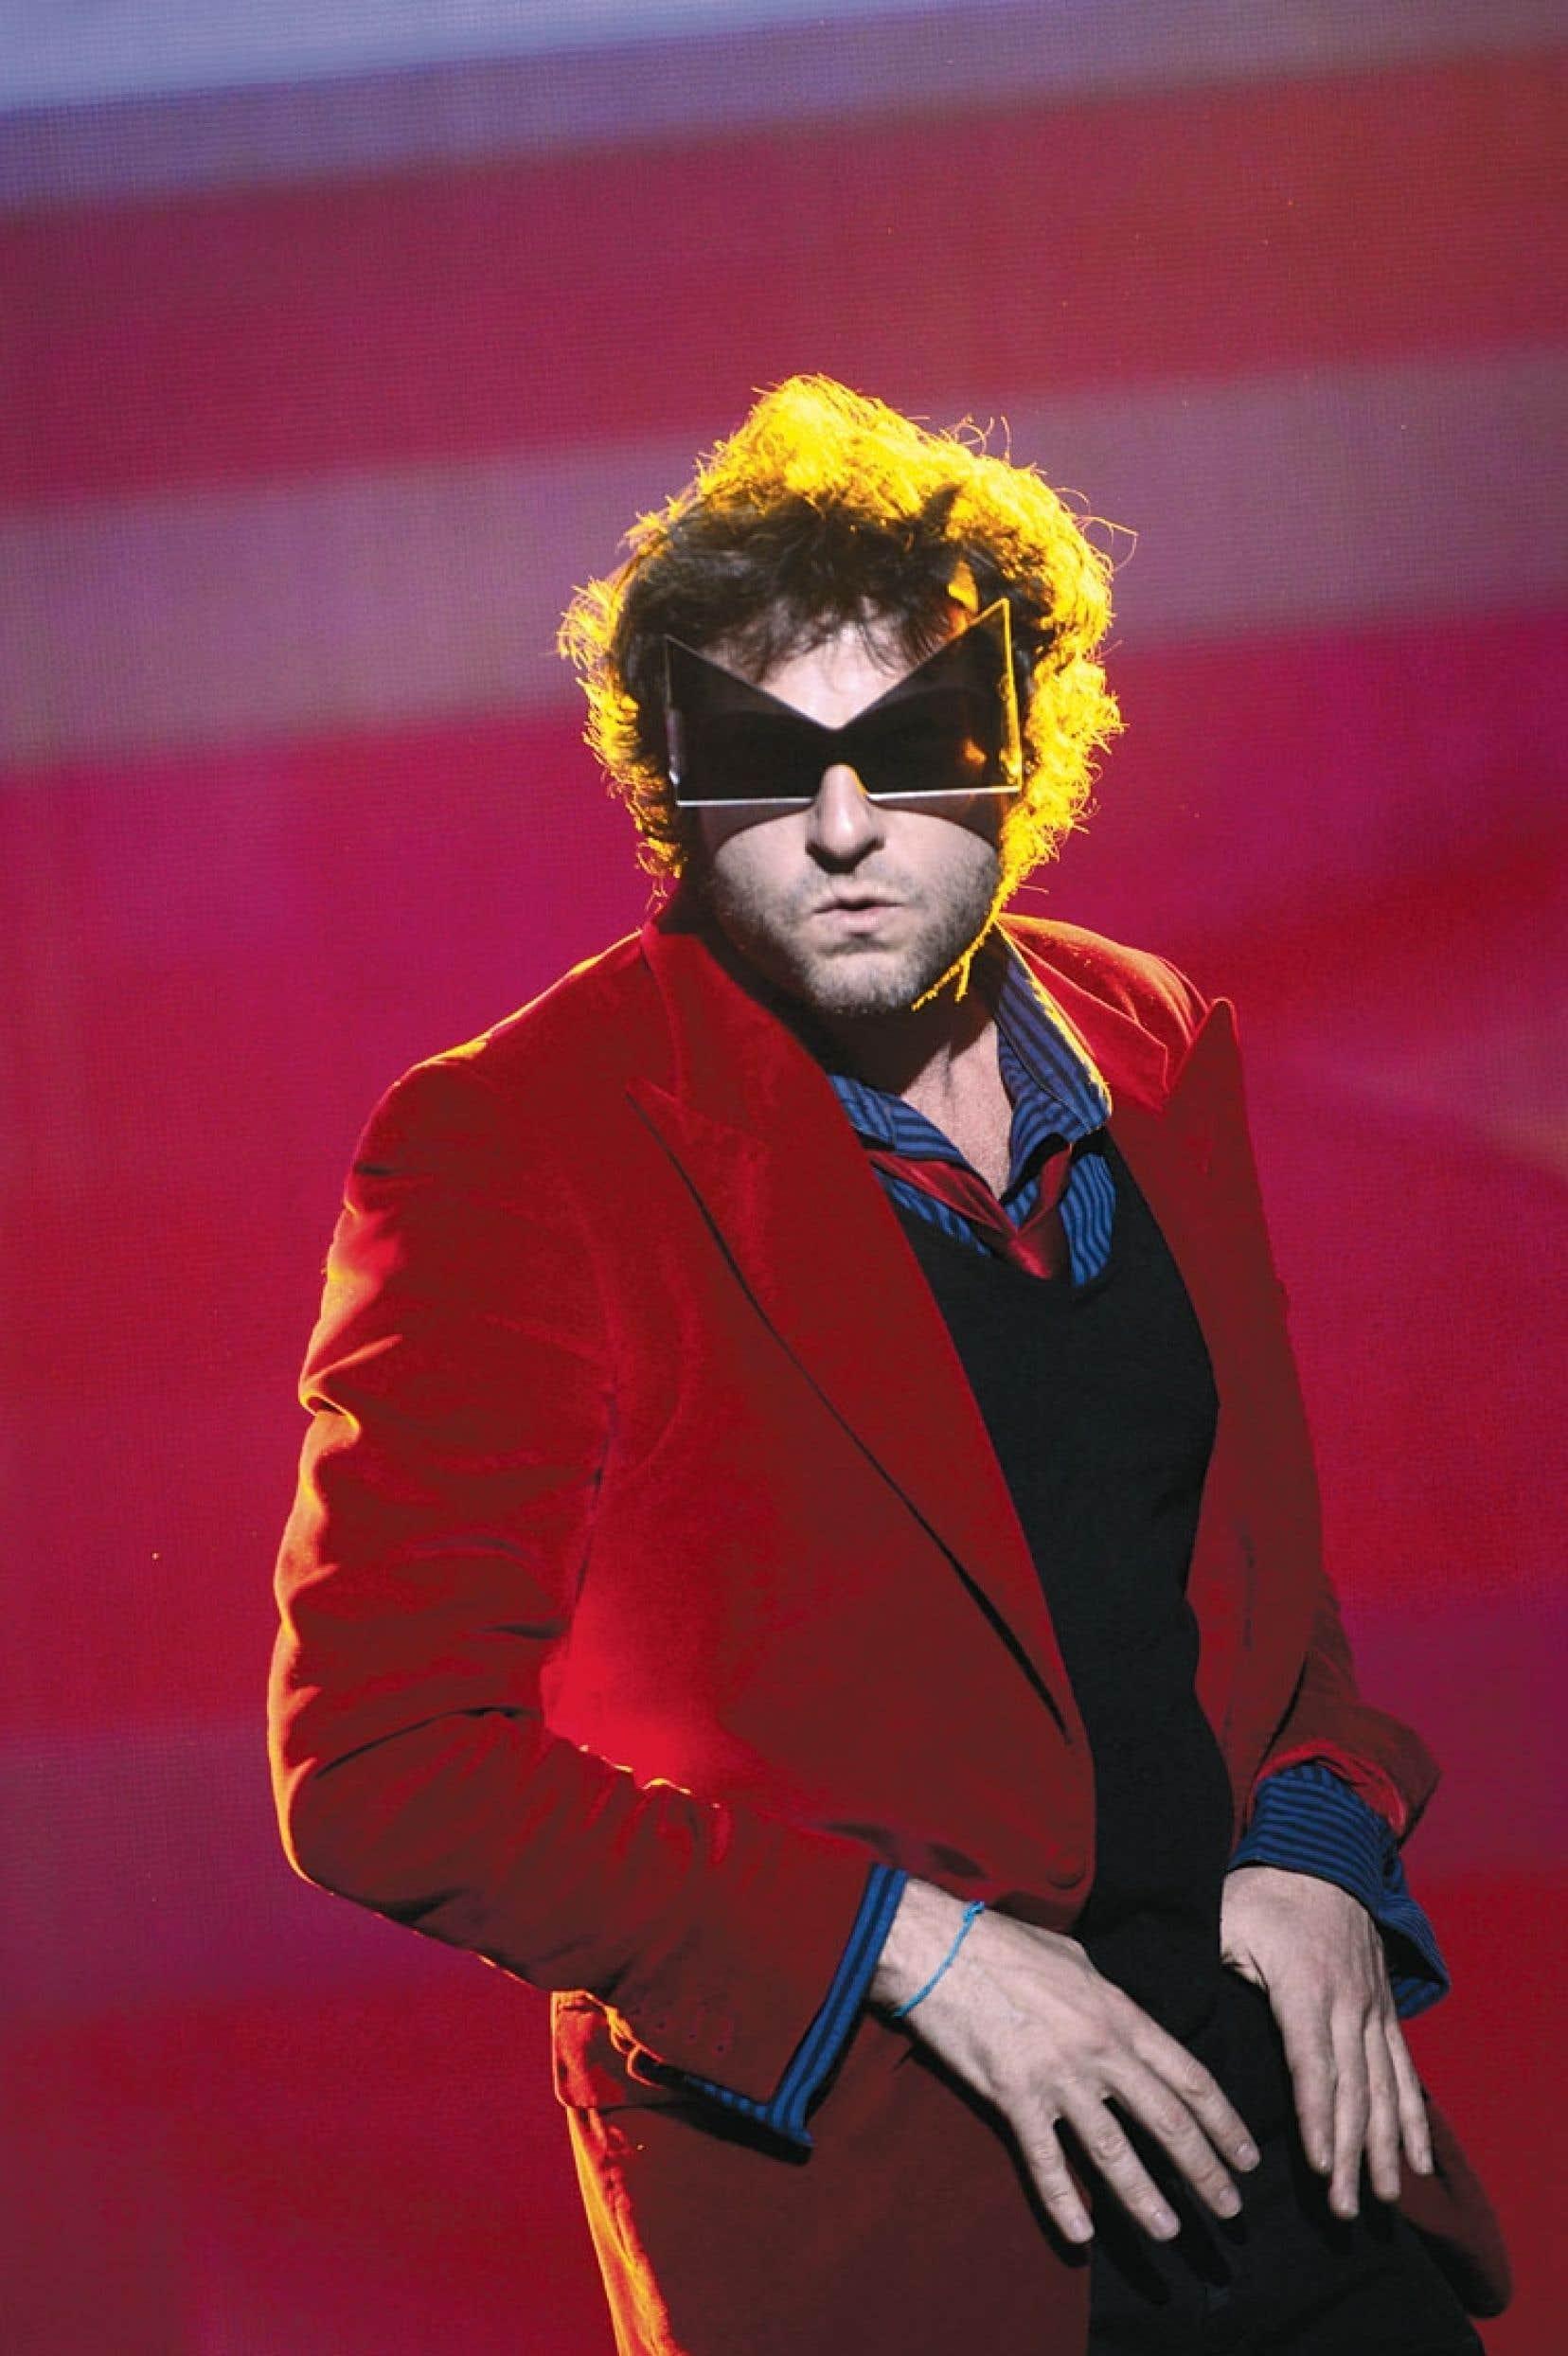 <div> «On a des projets jusque dans la nuit», dit Matthieu Chedid la veille de son spectacle au Métropolis.</div>